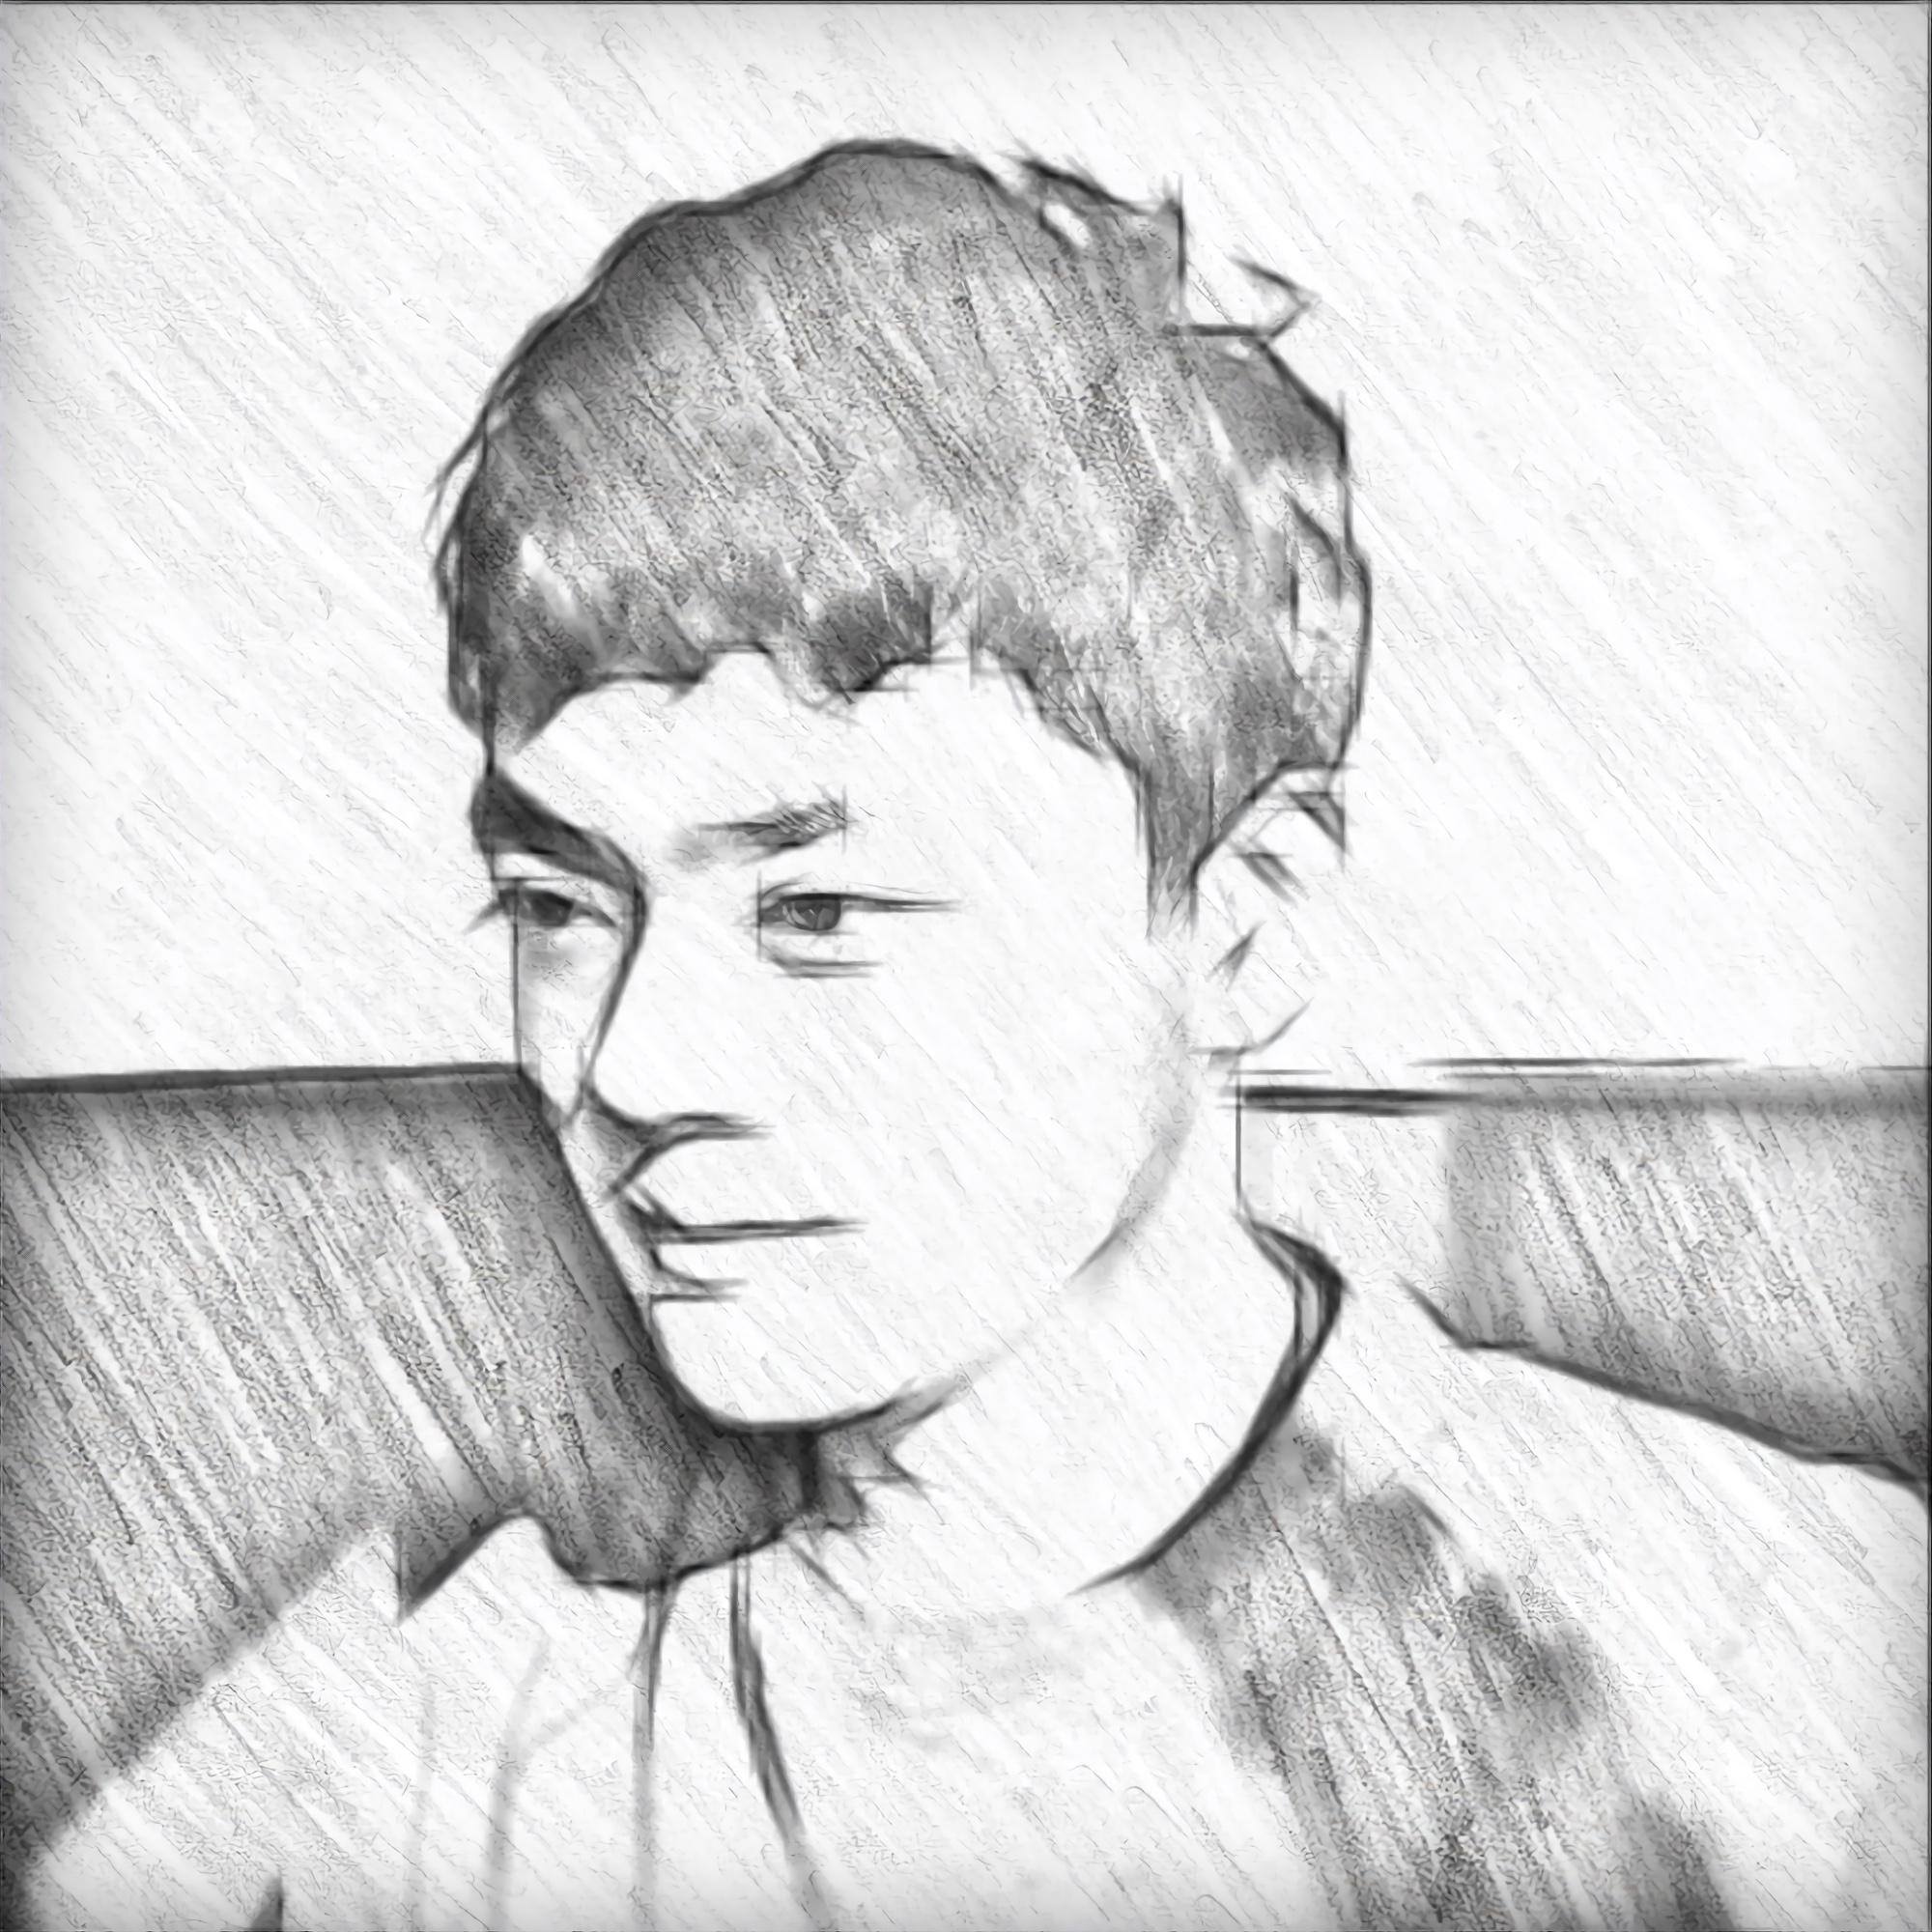 桃源小盼聊技术 - 独家号